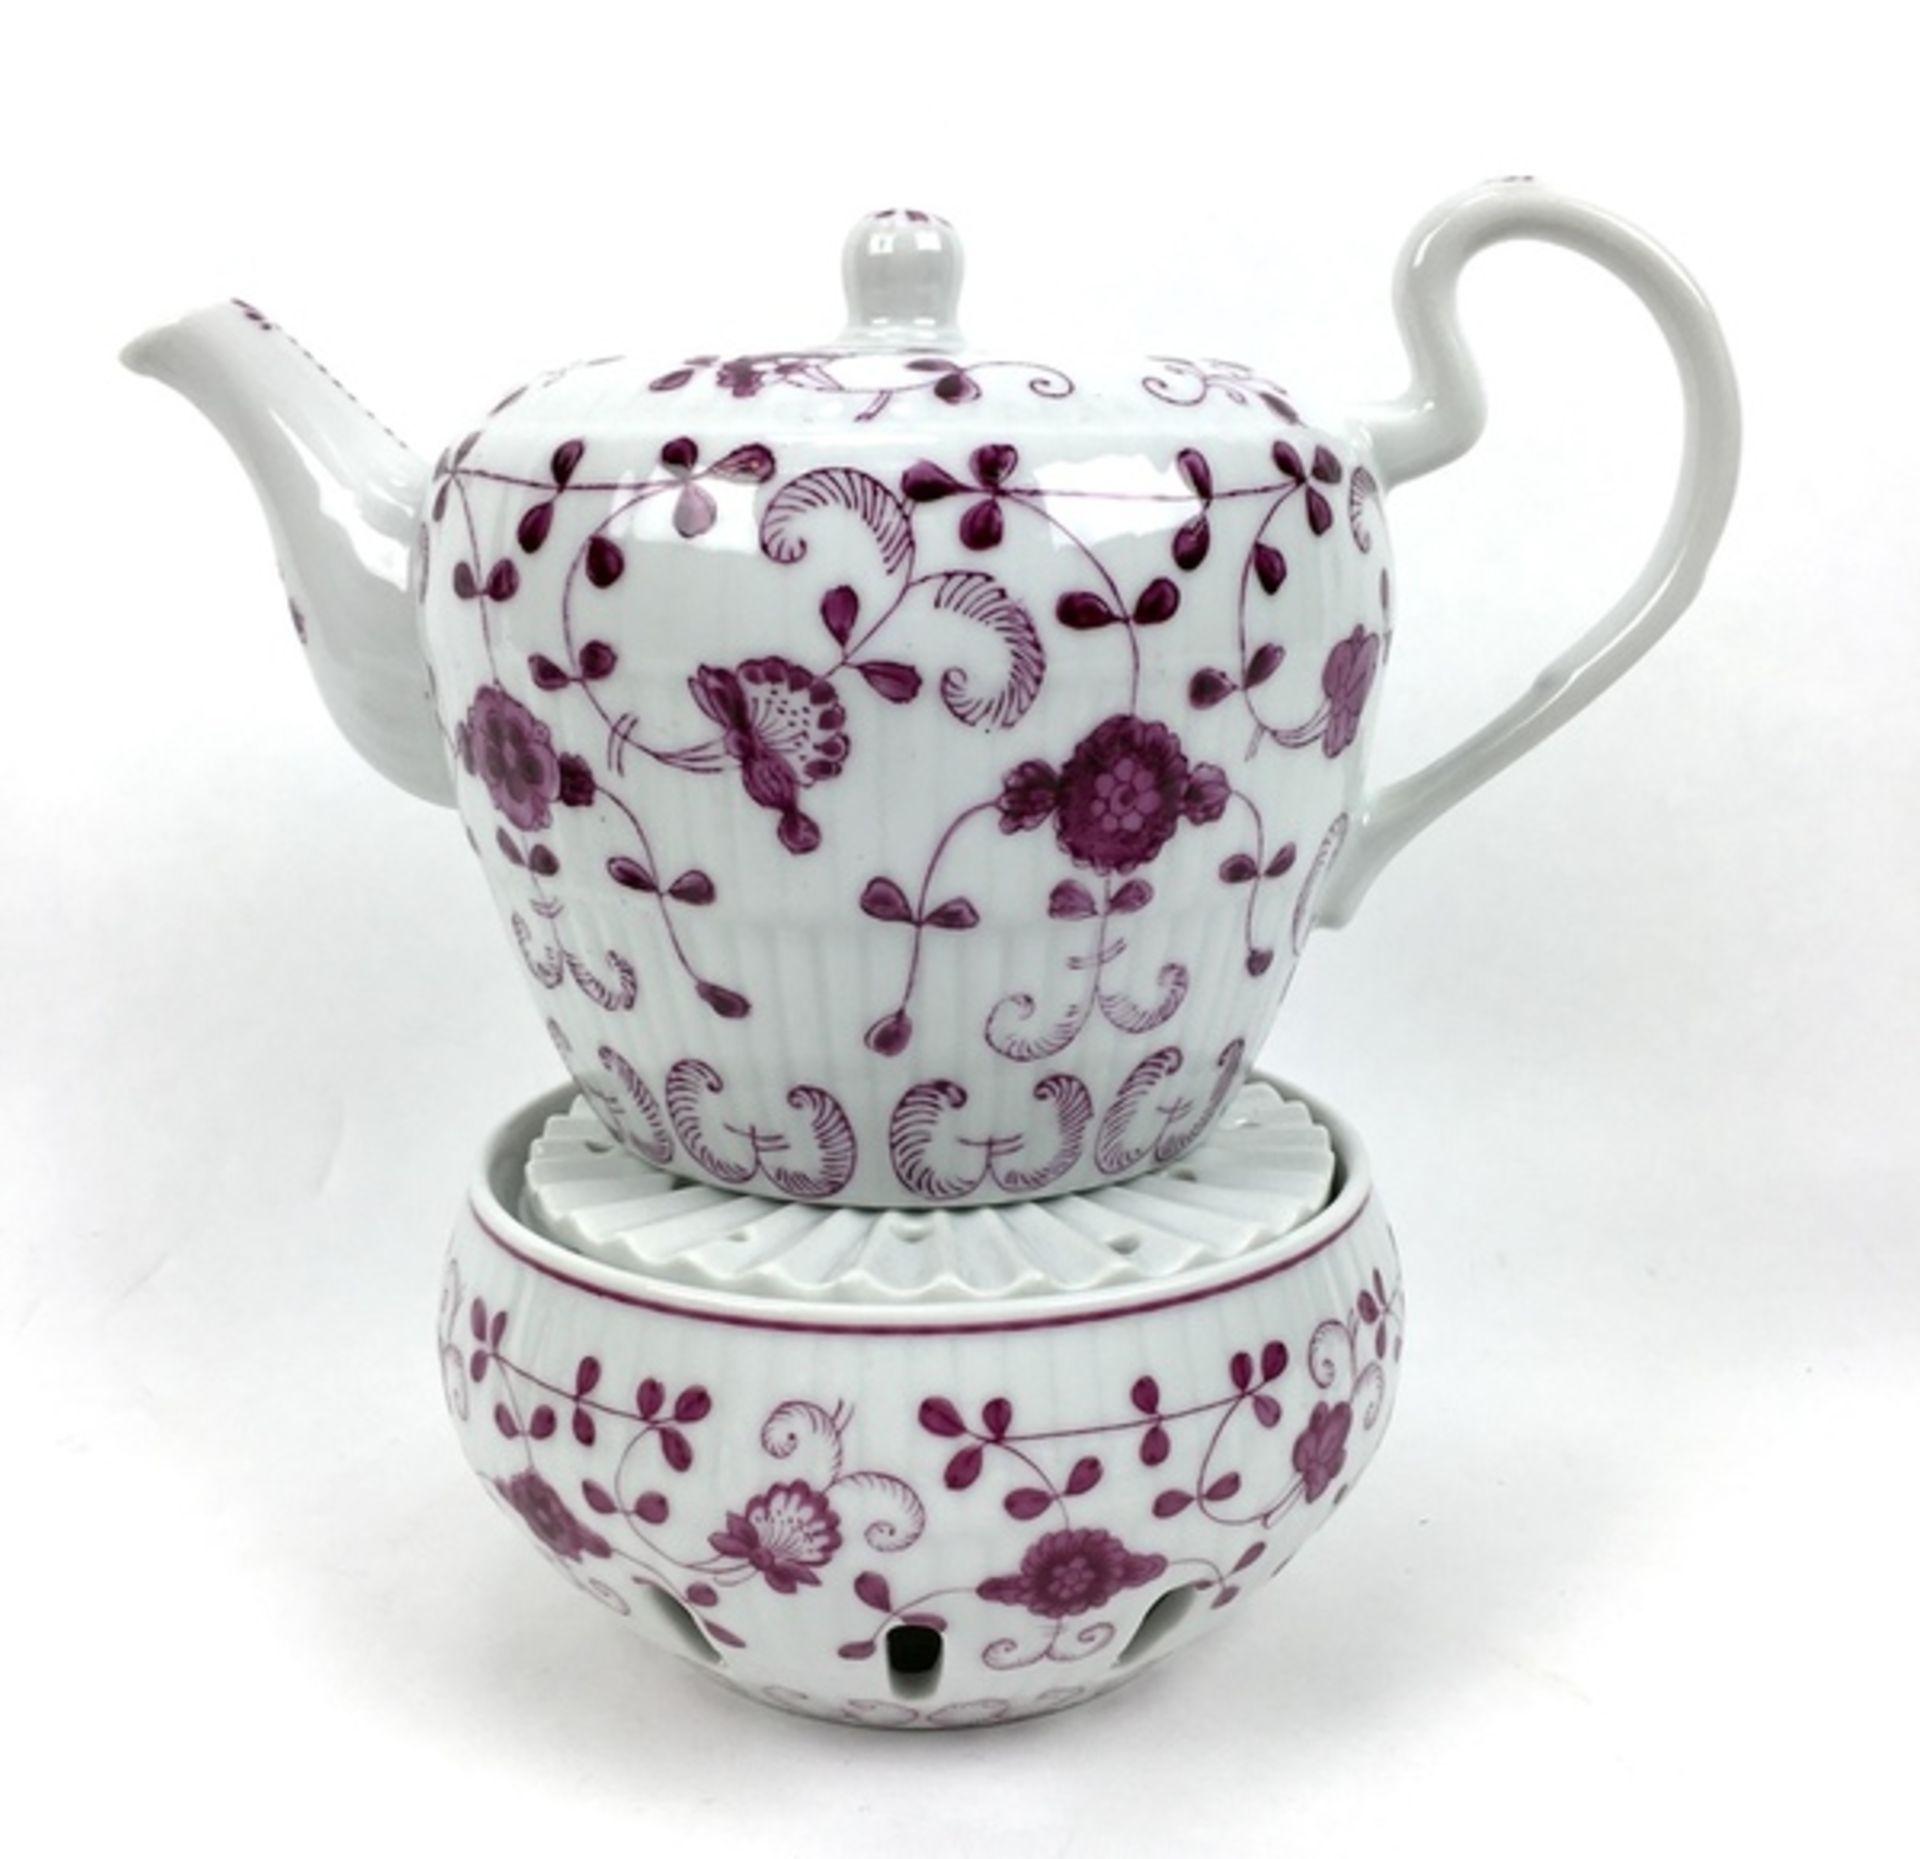 (Curiosa) Koffie-en thee servies August WarneckeKoffie-en theeservies waaronder serveerborden, - Image 3 of 8